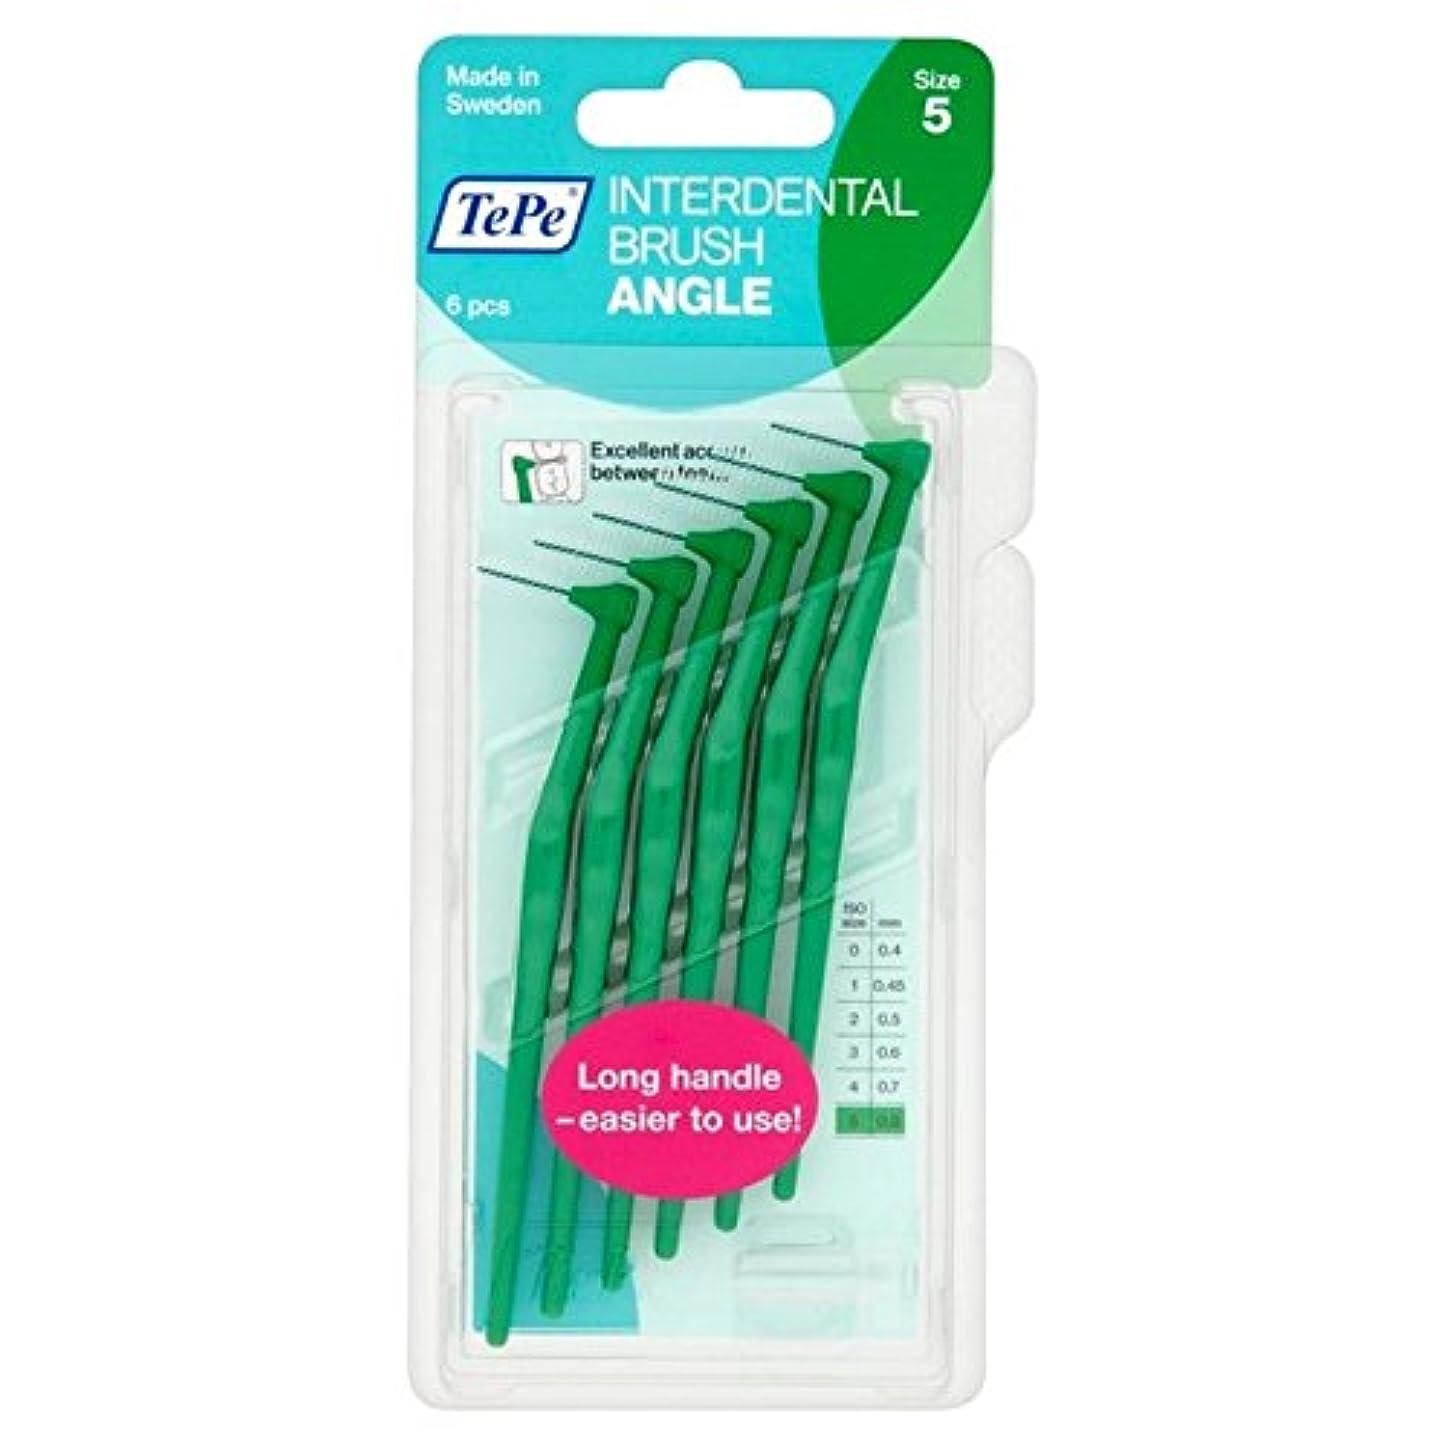 見通しログタッチパックあたり6 0.8ミリメートル緑テペ角度 x2 - TePe Angle Green 0.8mm 6 per pack (Pack of 2) [並行輸入品]